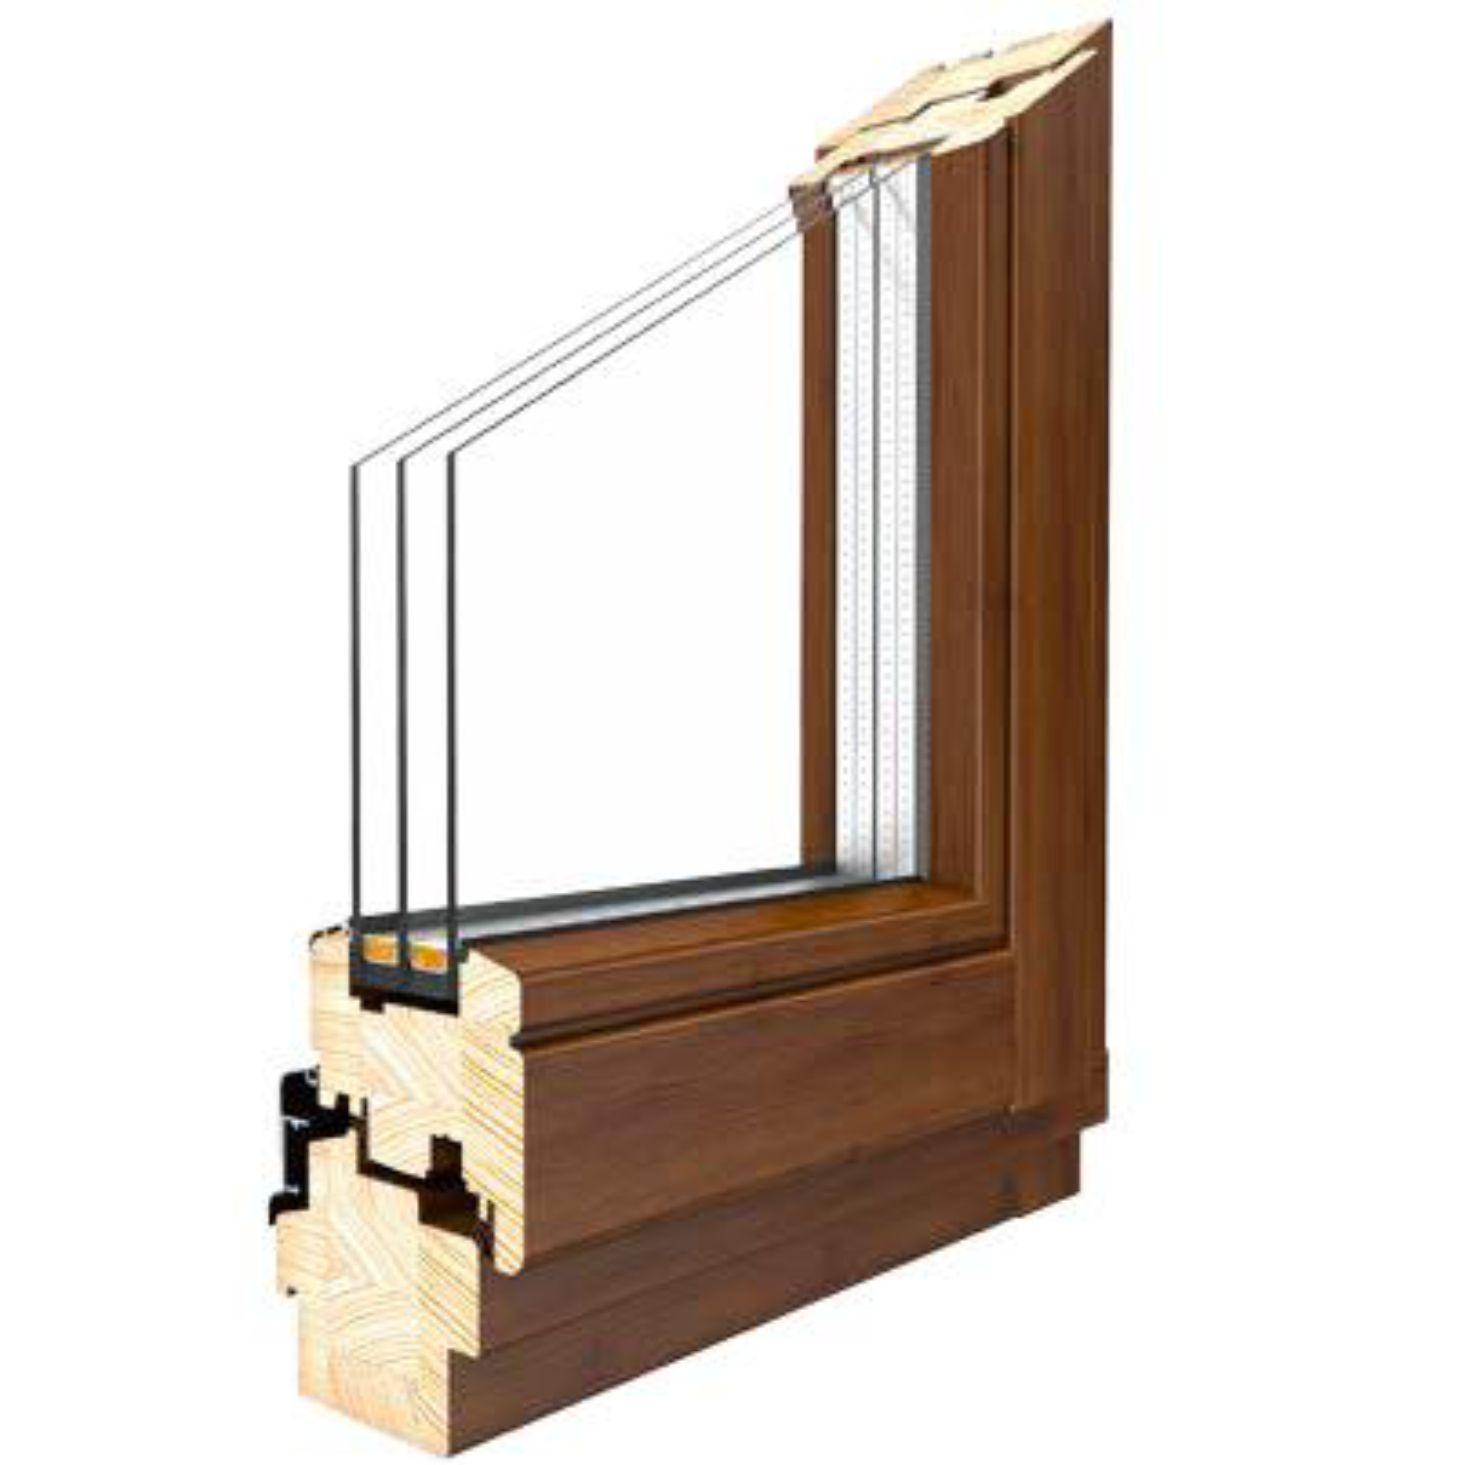 Full Size of Fenster Günstig Kaufen Holzfenster Drutesoftline 78 Meranti Holz Alle Gren Betten 180x200 Velux Rc3 Folie Für Einbauen Küche Mit Elektrogeräten Bodentief Fenster Fenster Günstig Kaufen